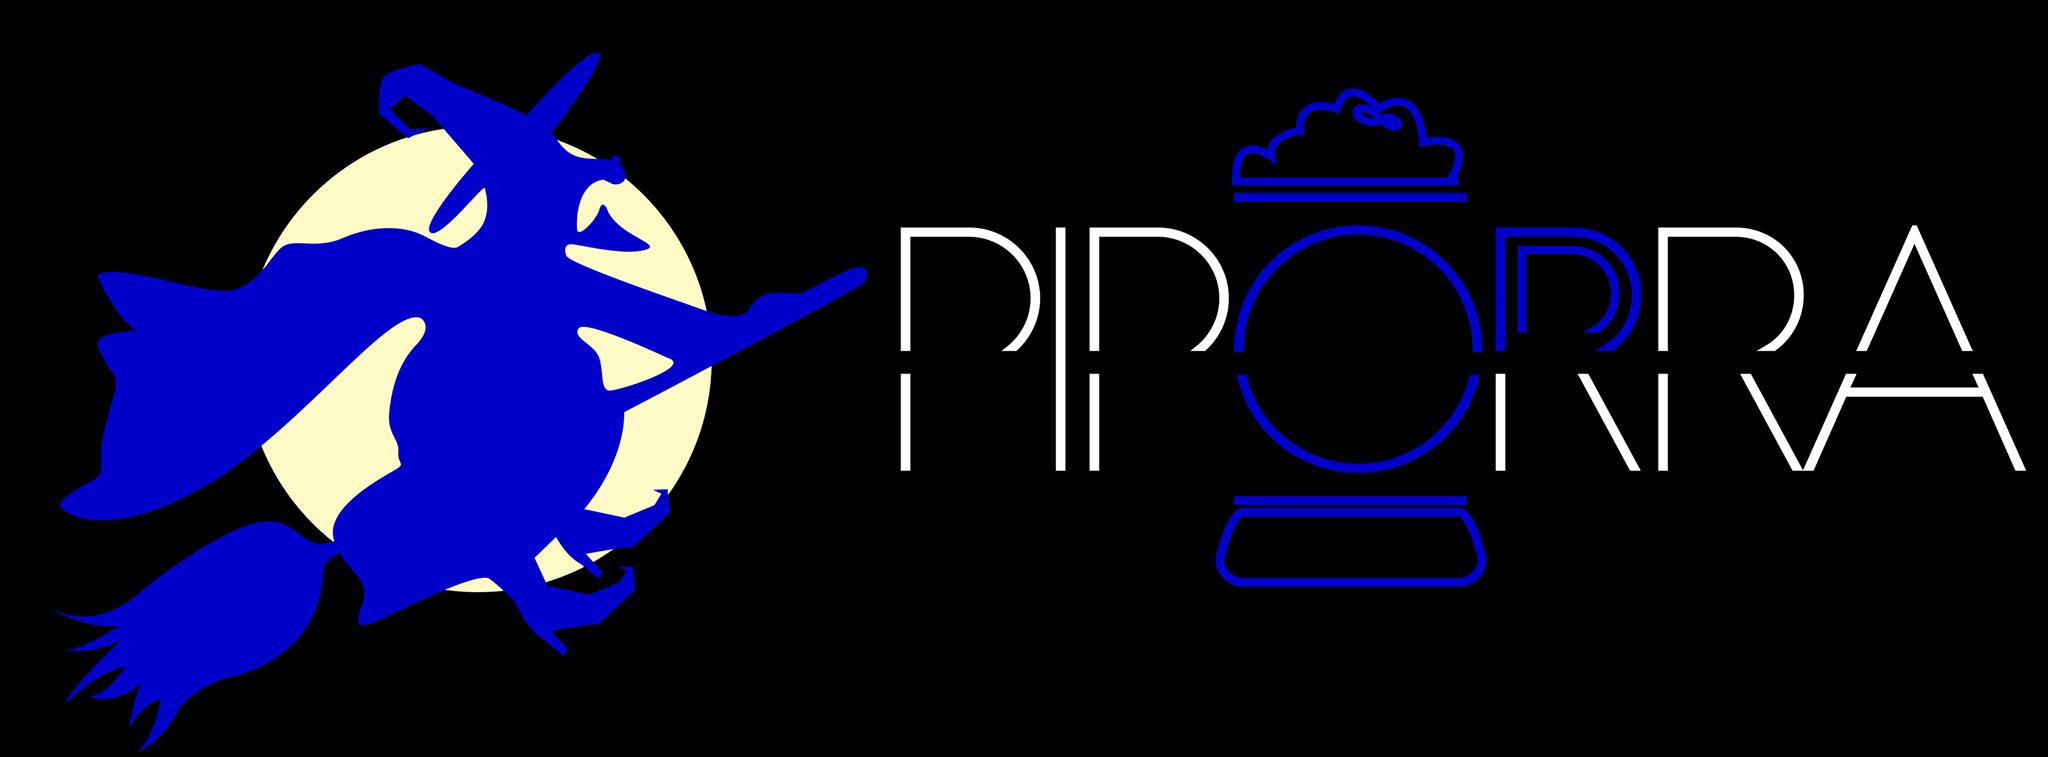 piporra